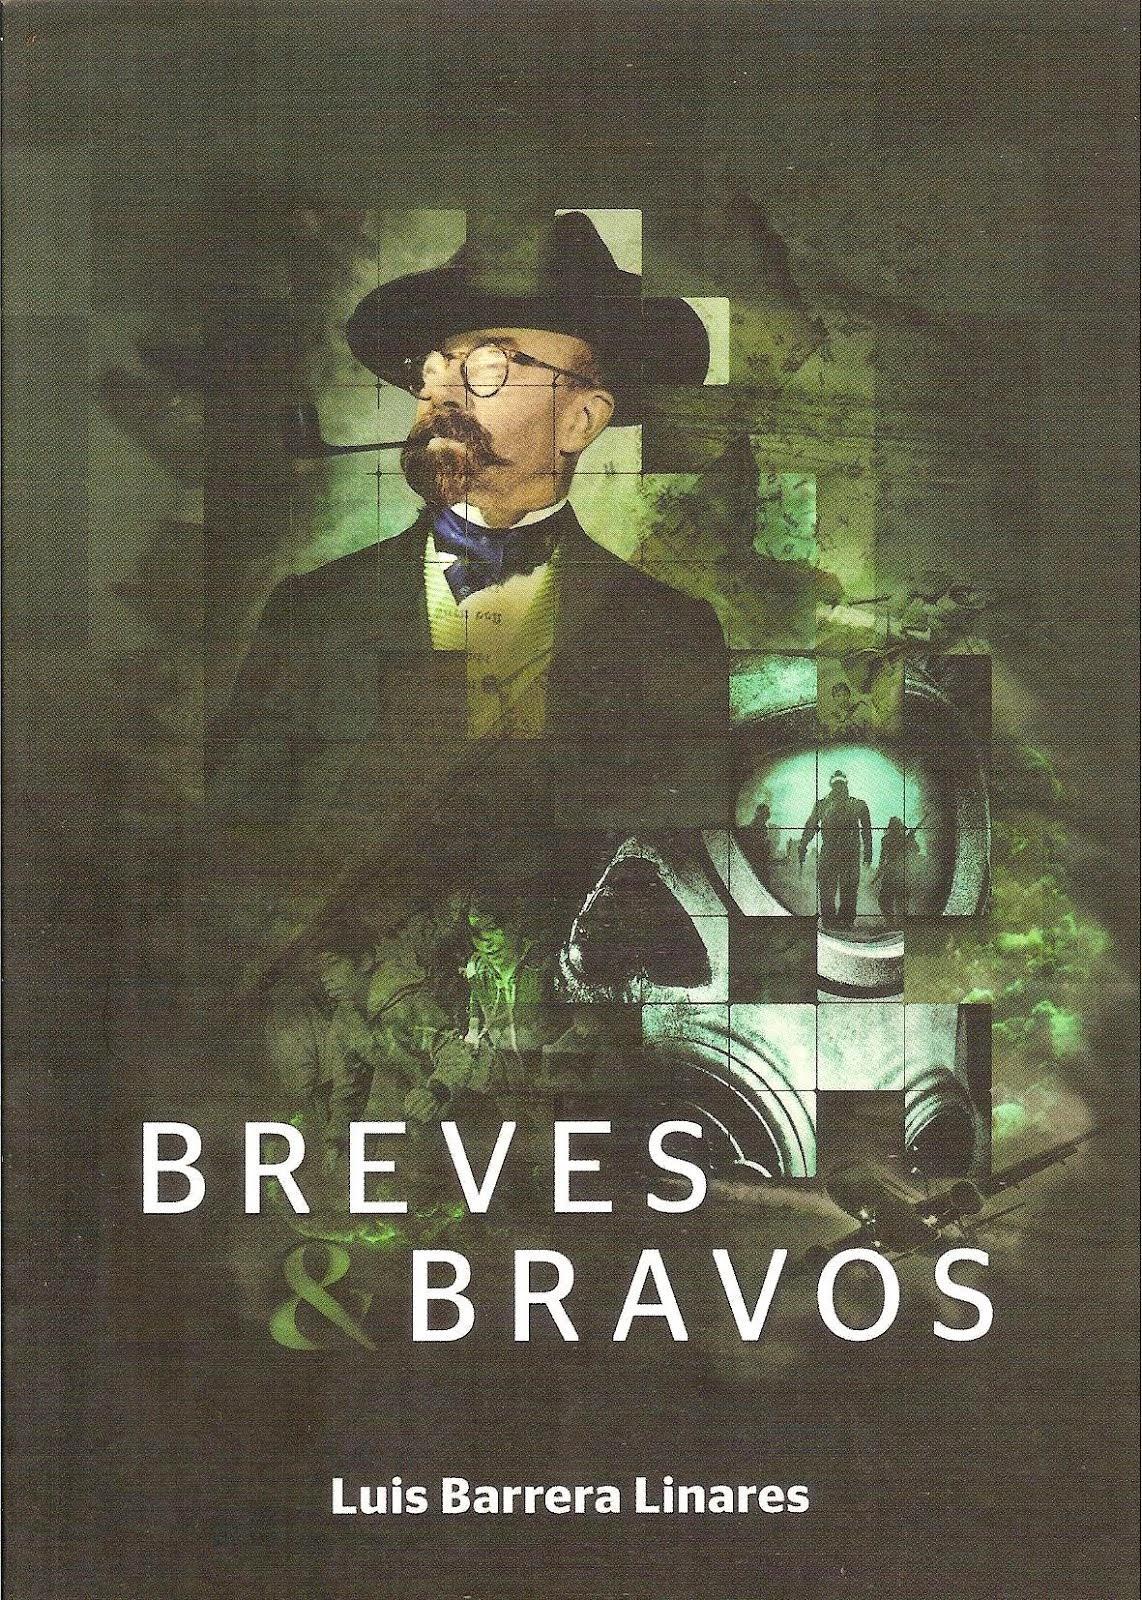 BREVES Y BRAVOS (CUENTOS, Edit. Lector Cómplice, 2014)